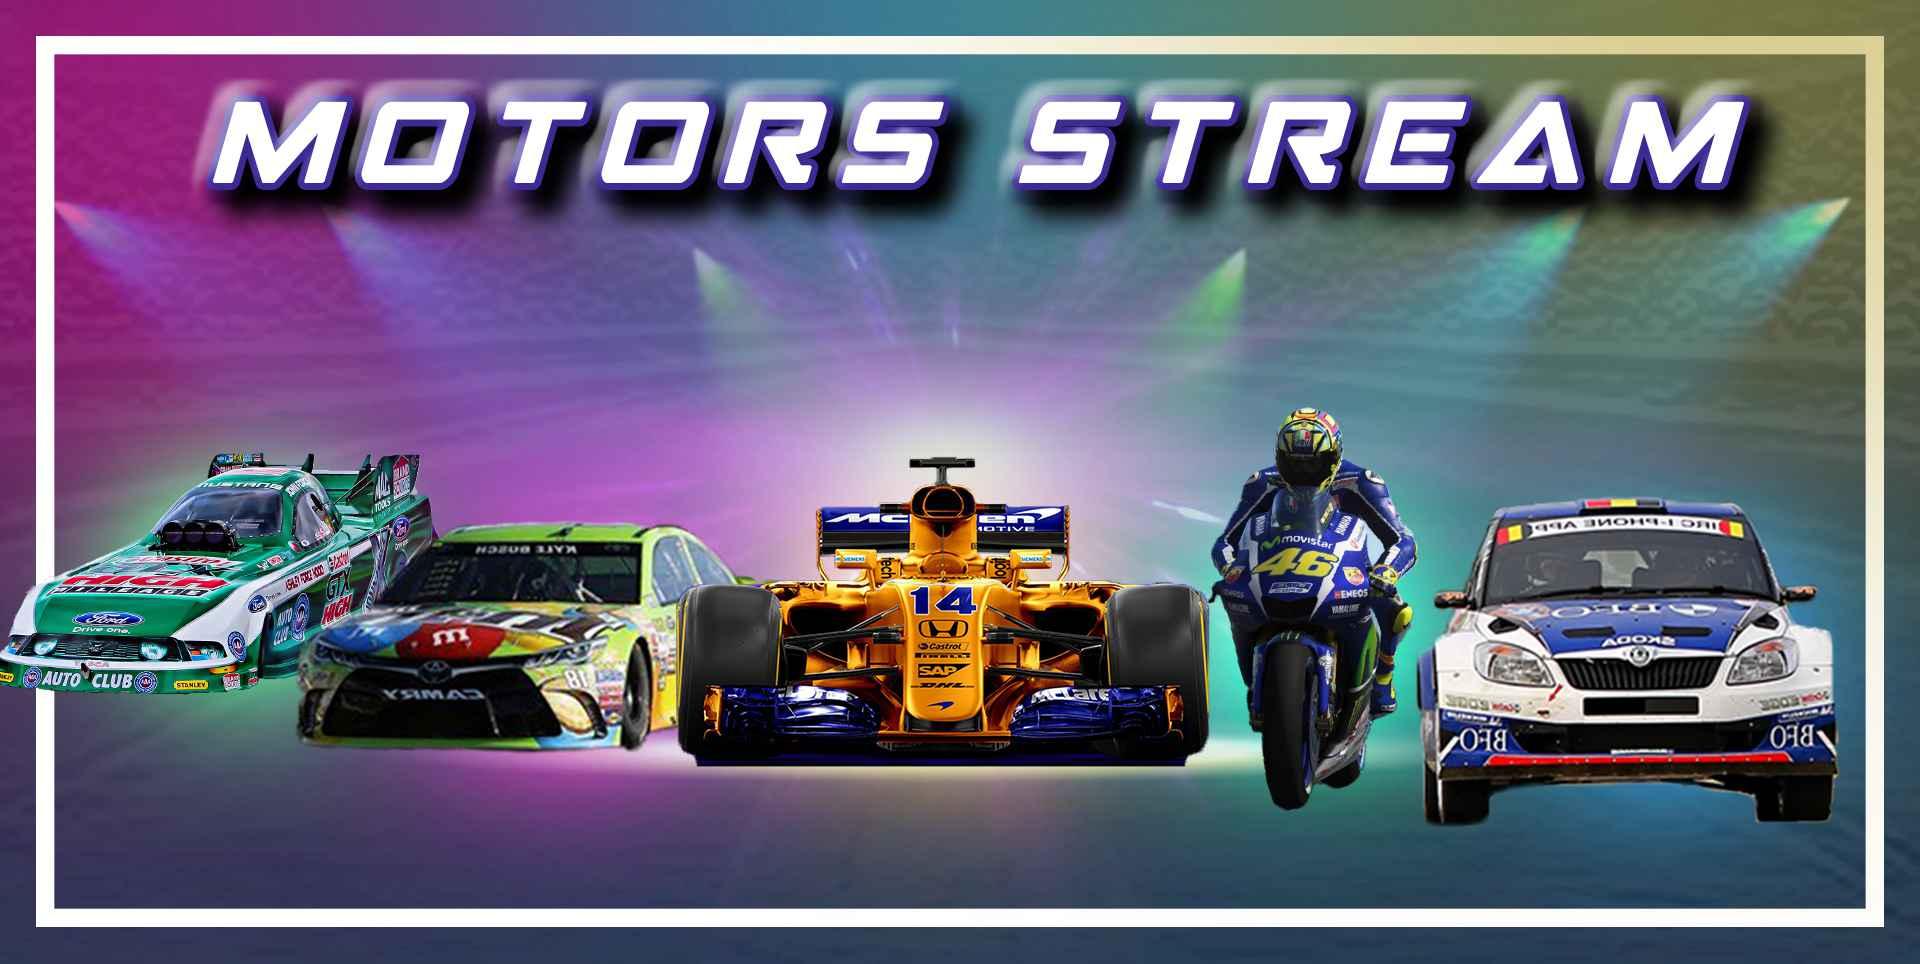 Motorsstream Videos